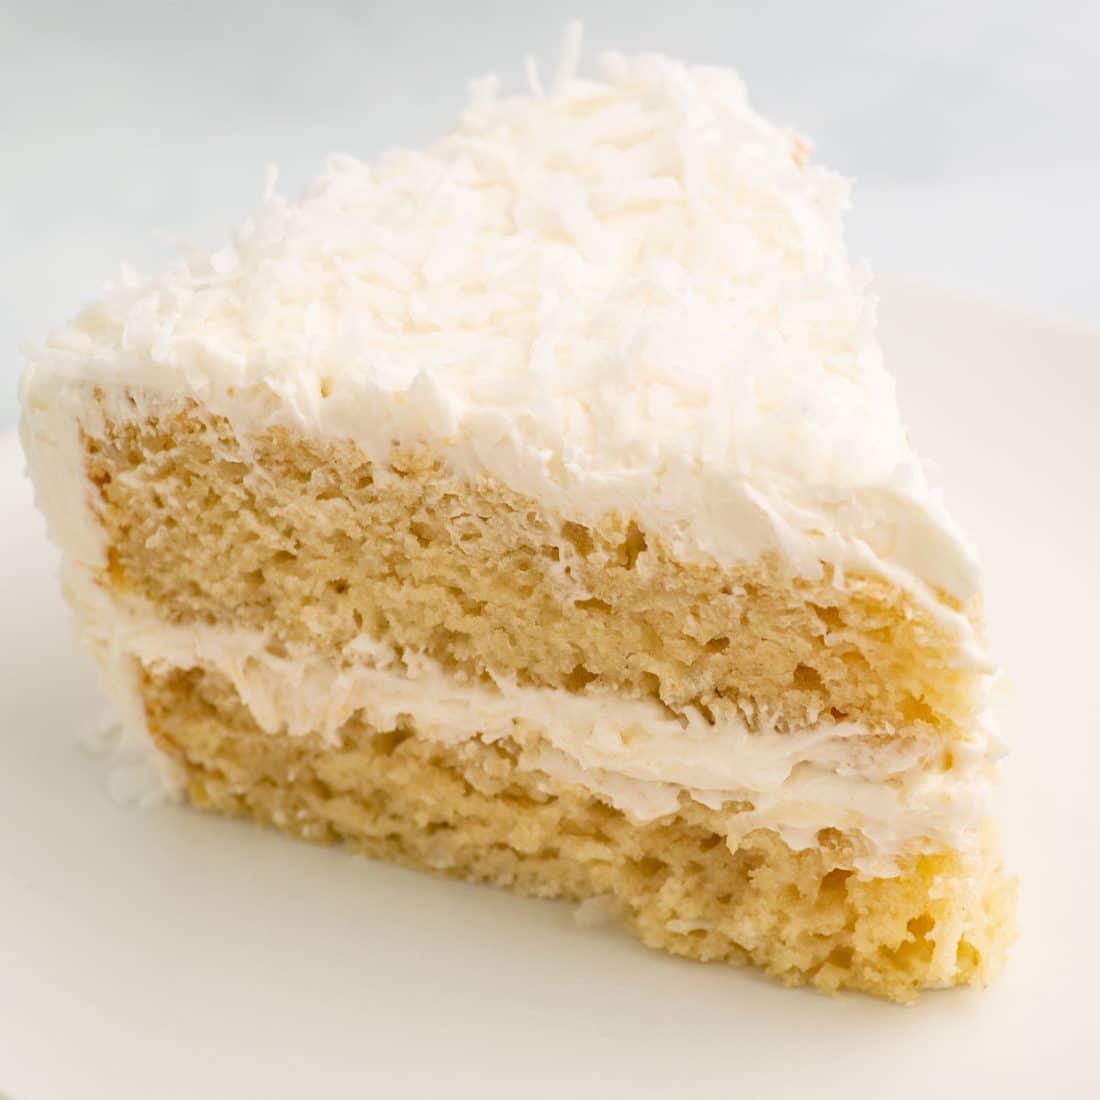 slice of vegan coconut cake on plate